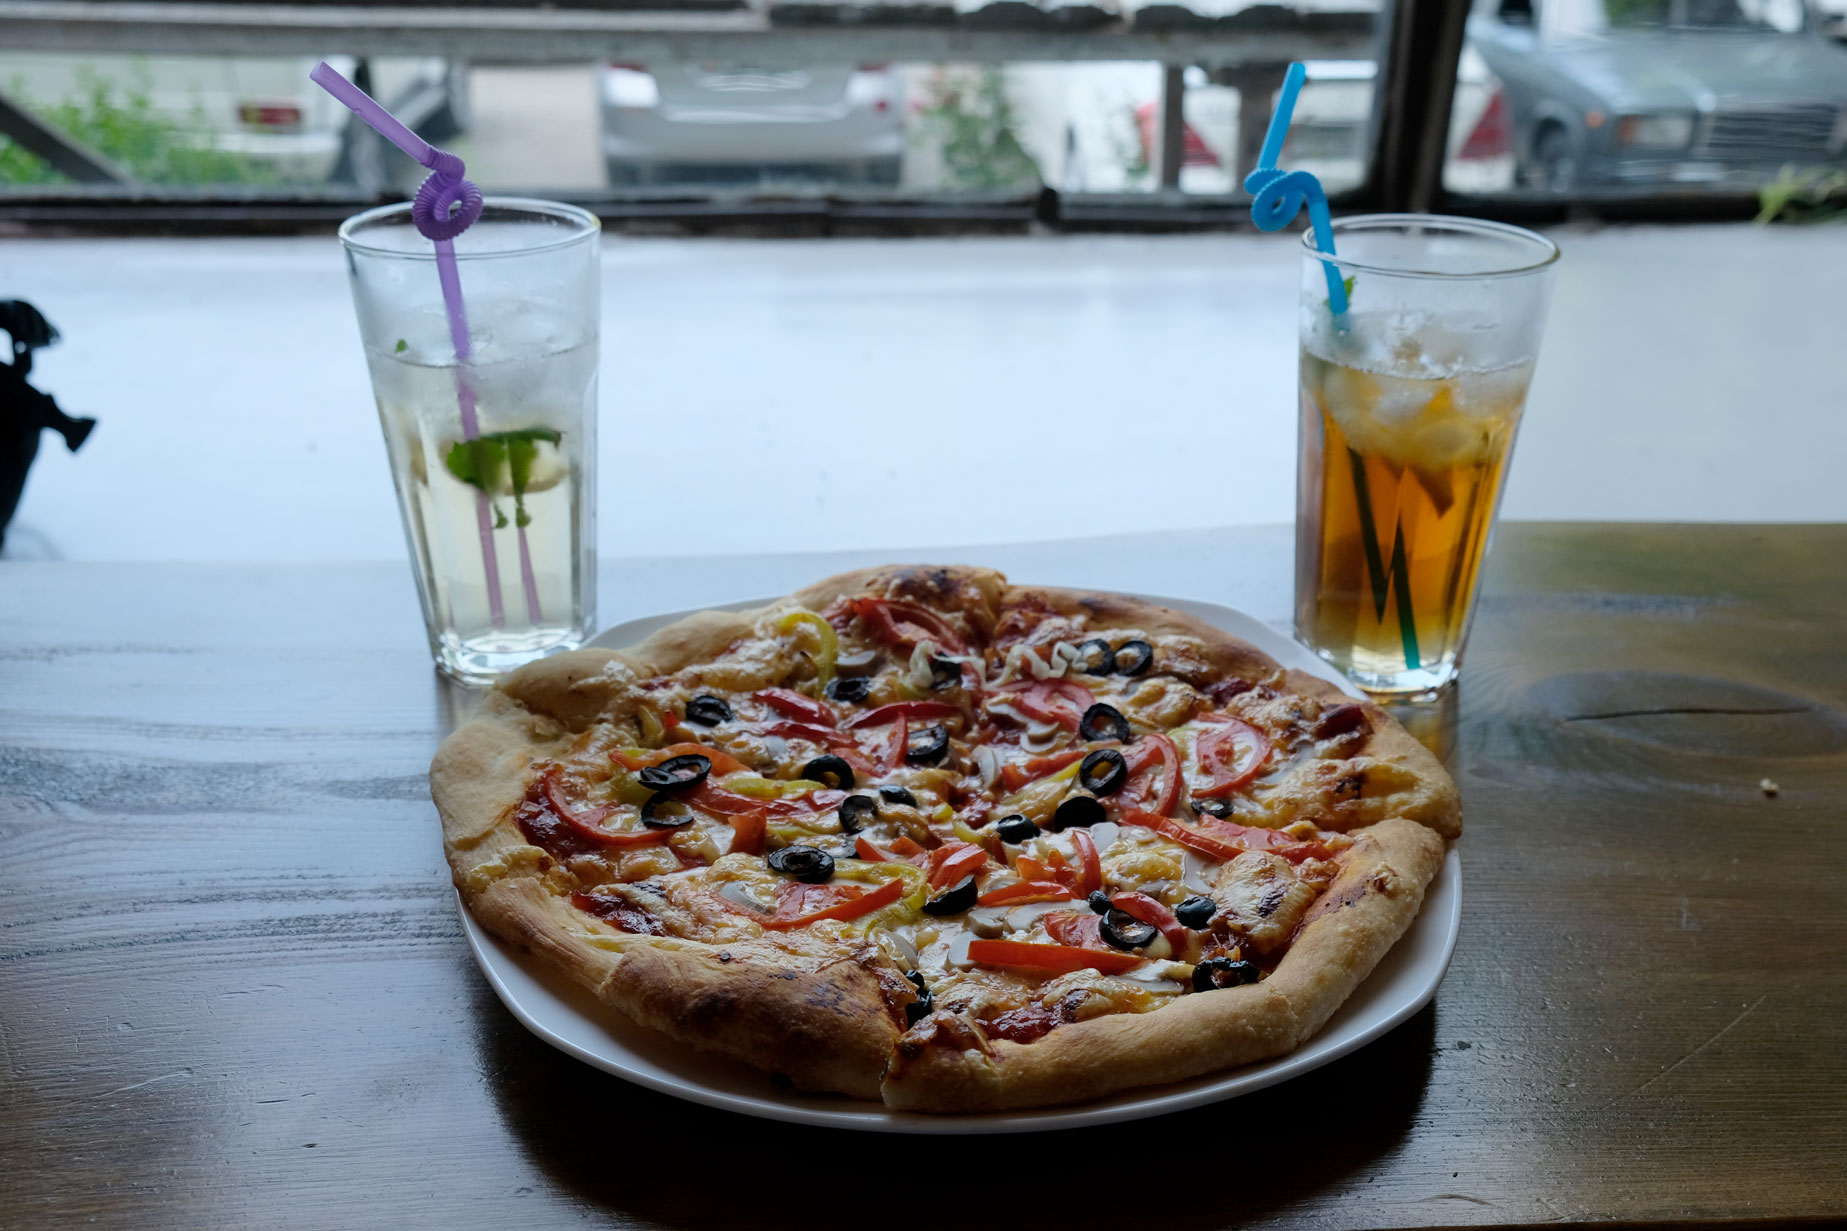 Und gegen Abend eine Pizza essen gehen! Mal was anderes als Laghman, Plov und Co.! :-)